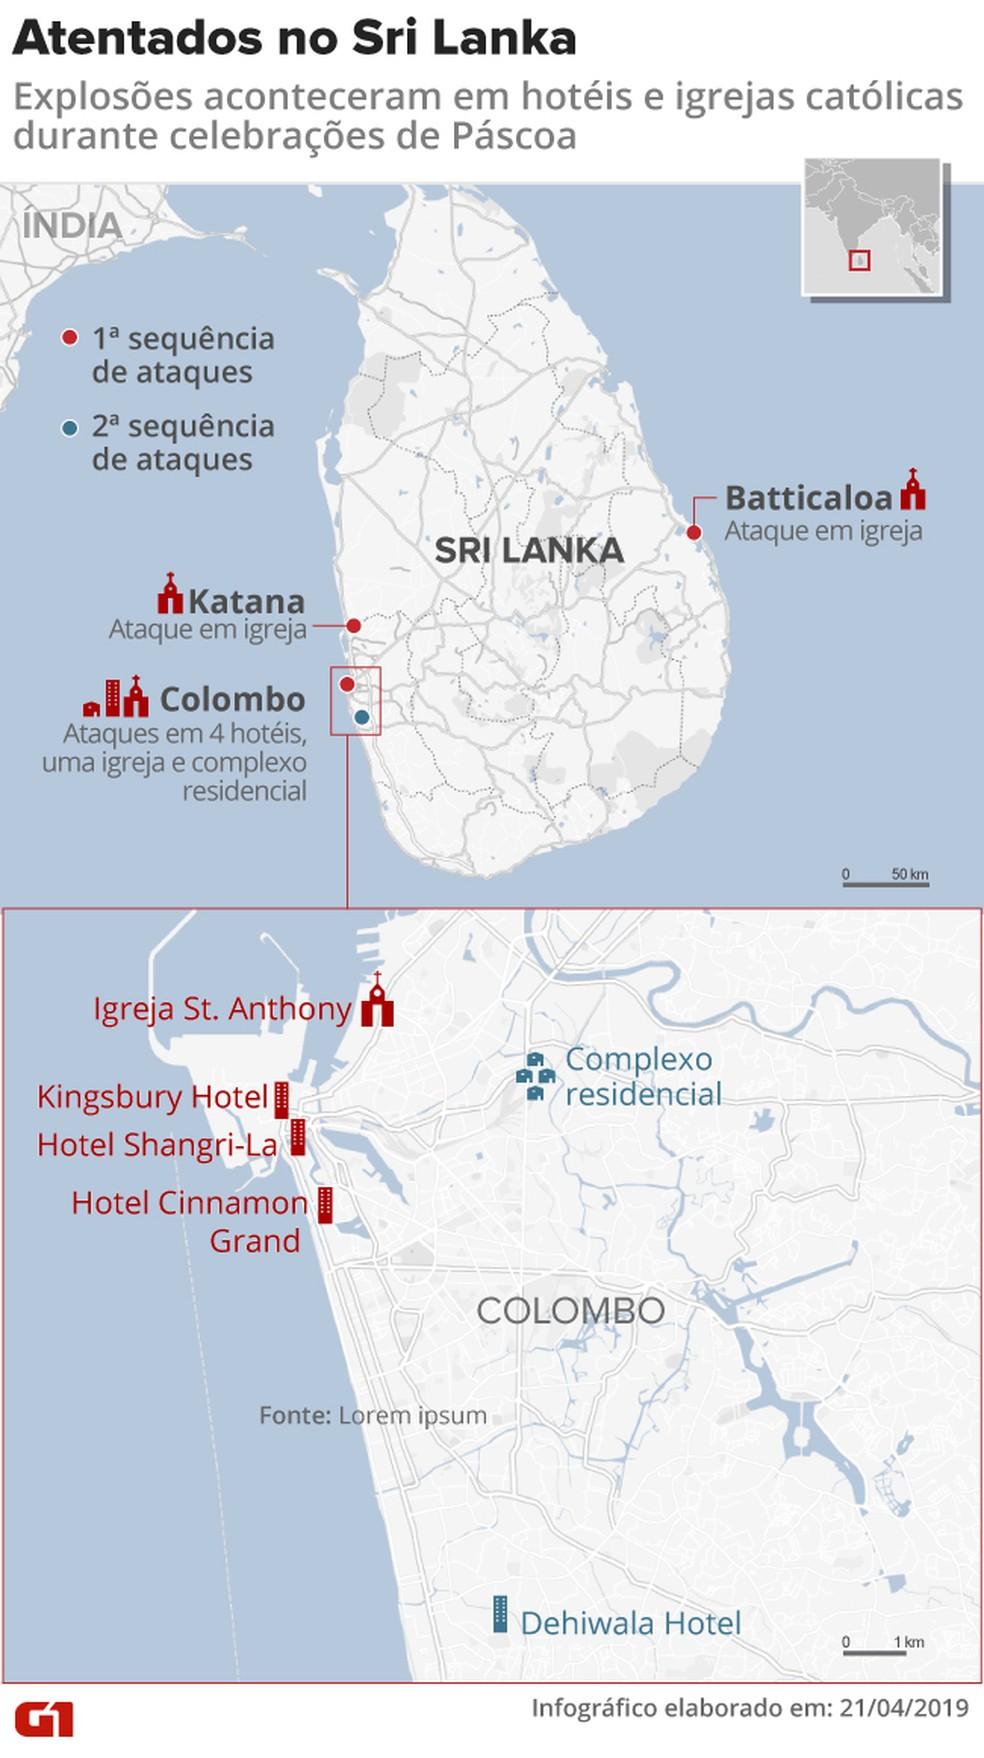 Ataques conta 4 hotéis, três igrejas e um complexo residencial no Sri Lanka. — Foto: Rodrigo Cunha/G1